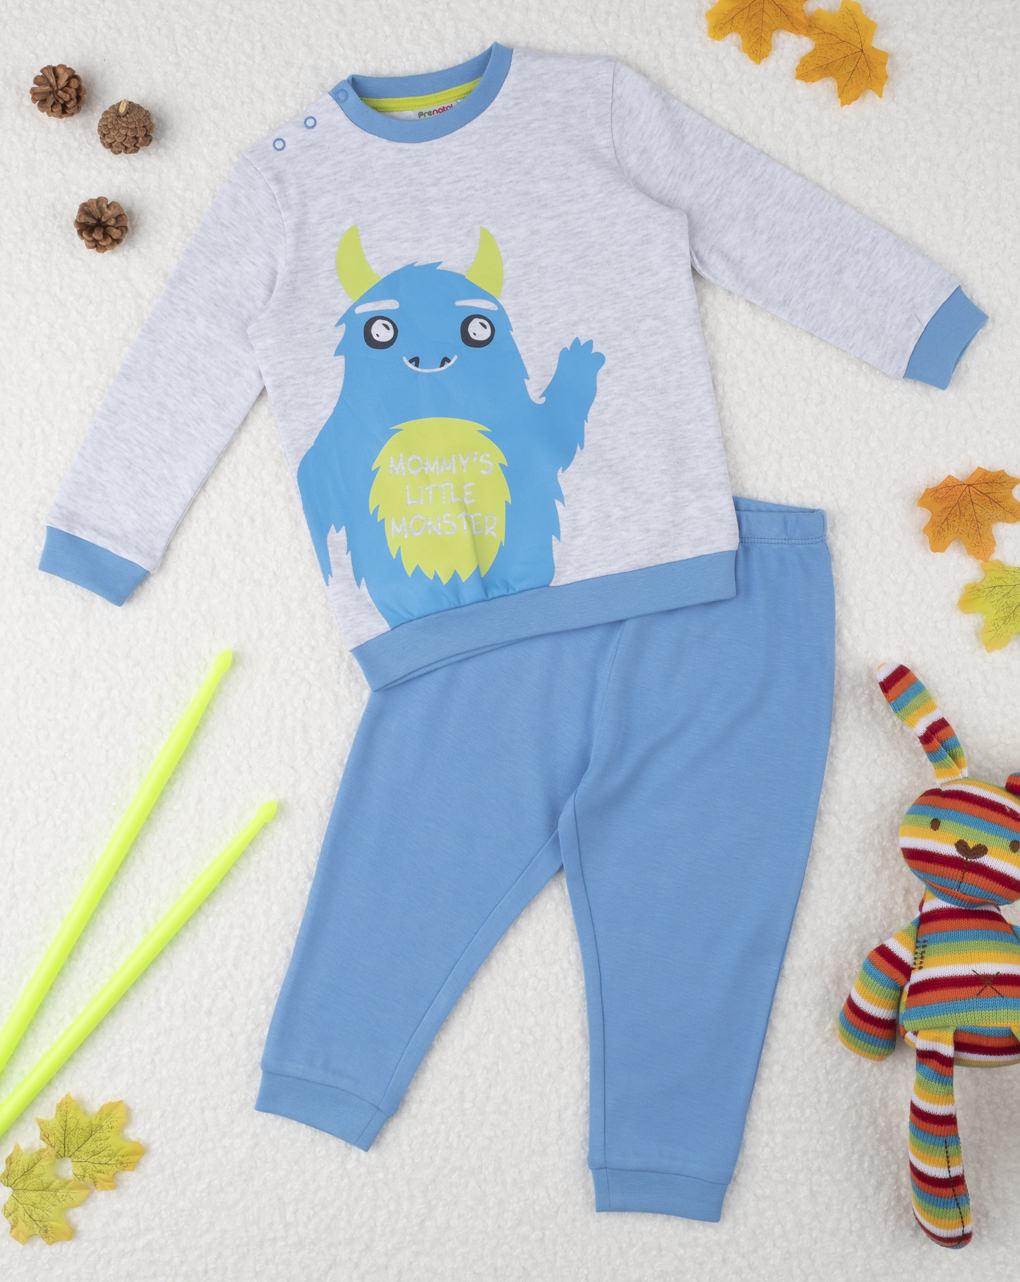 Πιτζάμα γκρι-γαλάζια με στάμπα για αγόρι